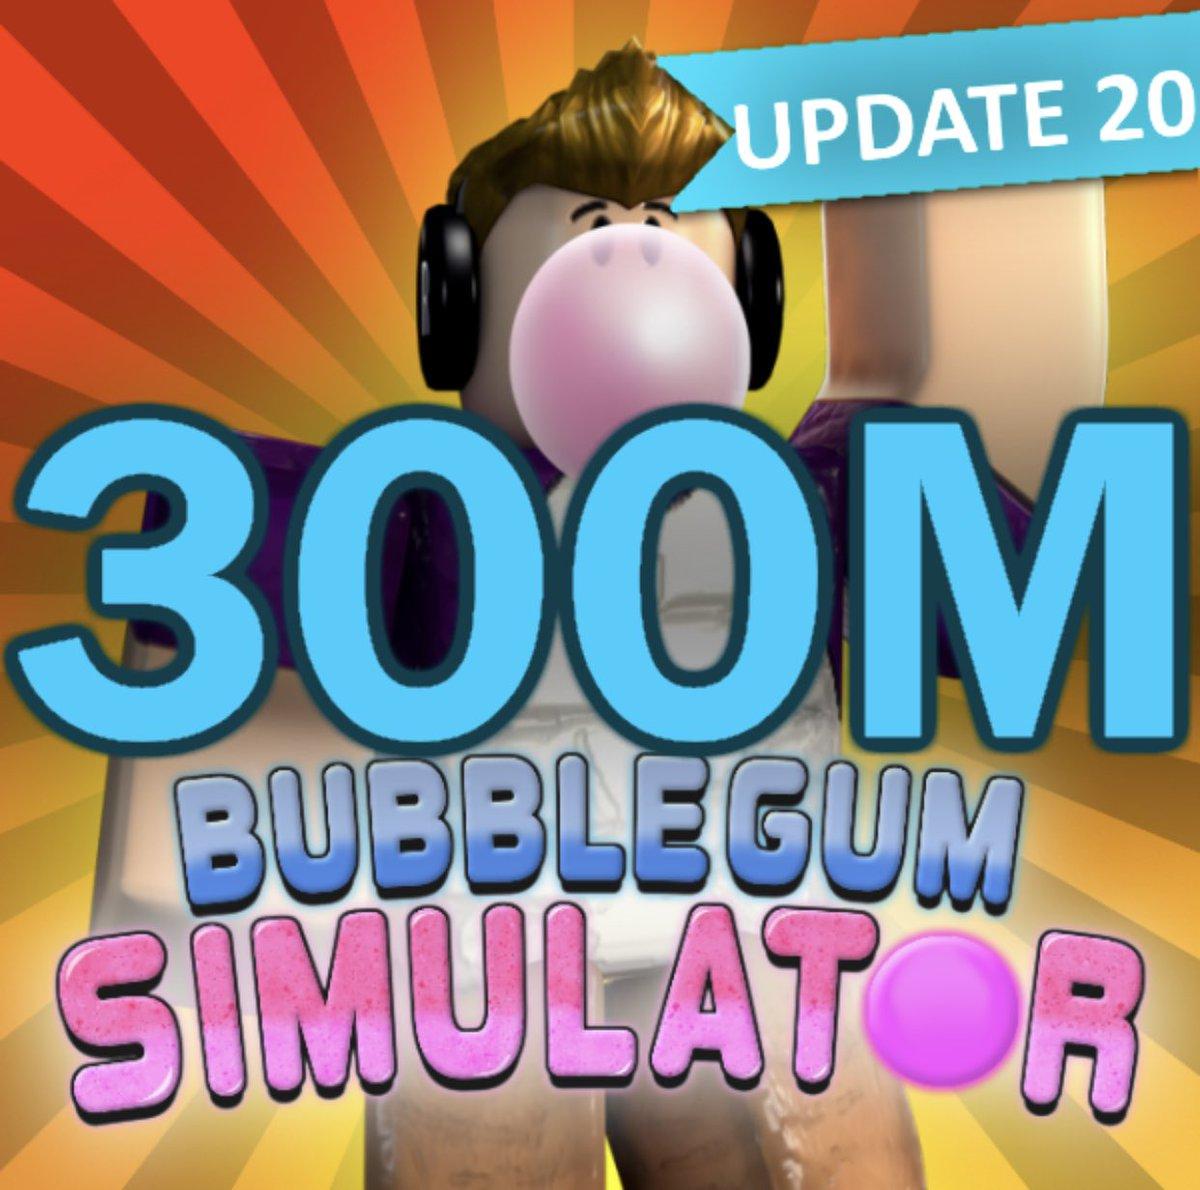 Code Roblox Wiki Bubble Gum Simulator